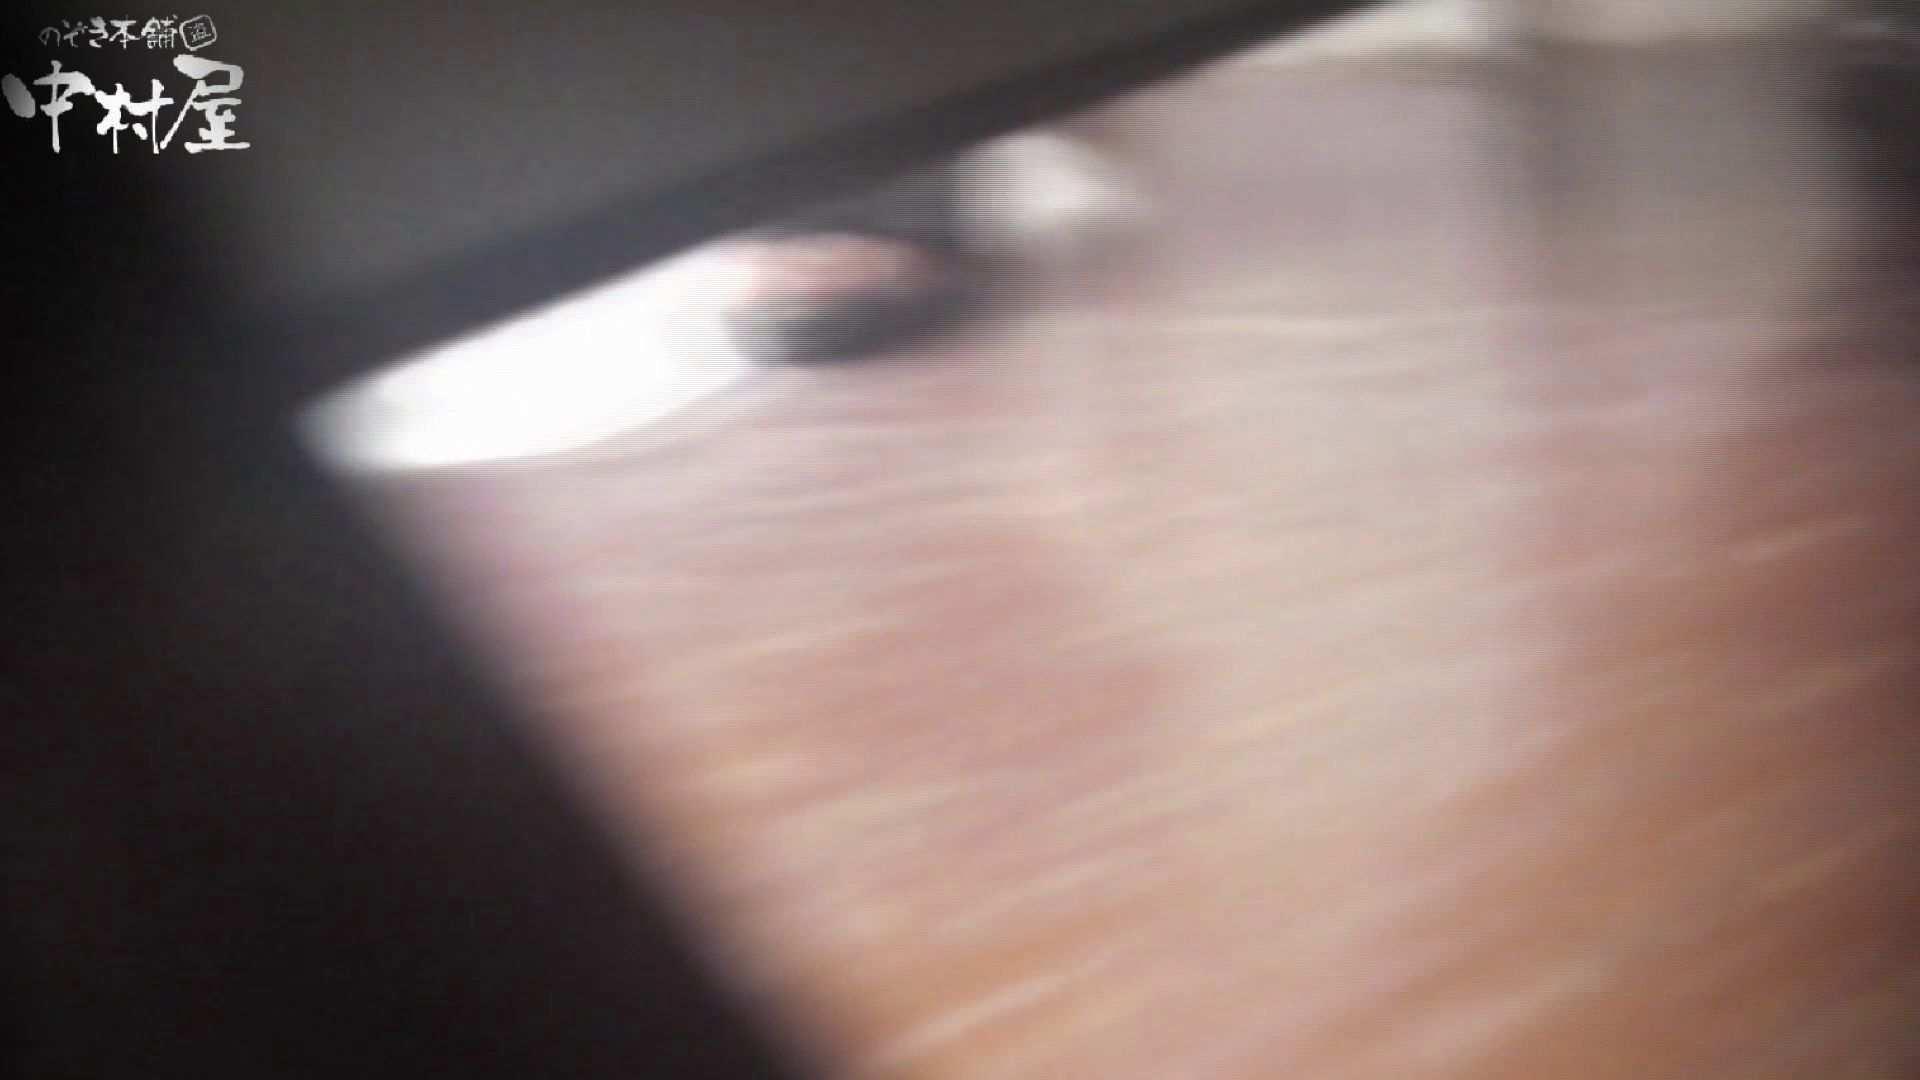 世界の射窓から~vol47 珍しい、毛からしたってくる聖水 おまんこ大好き | 盗撮動画  10枚 7